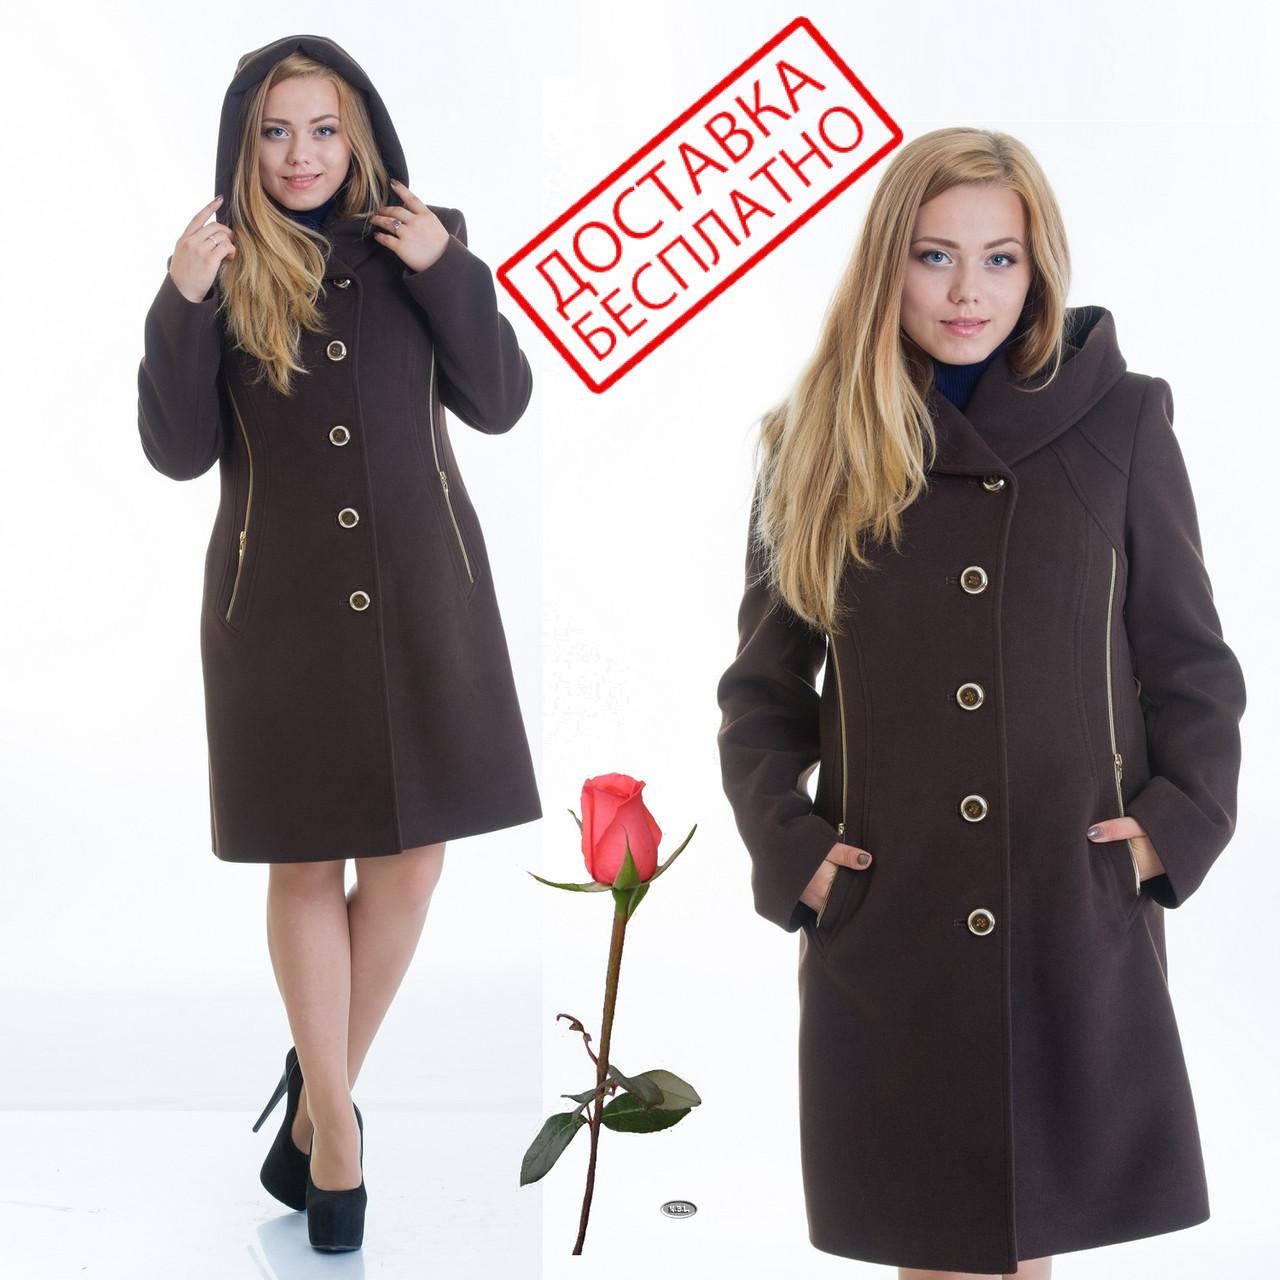 Демисезонное пальто с капюшоном L 099012 Шоколад